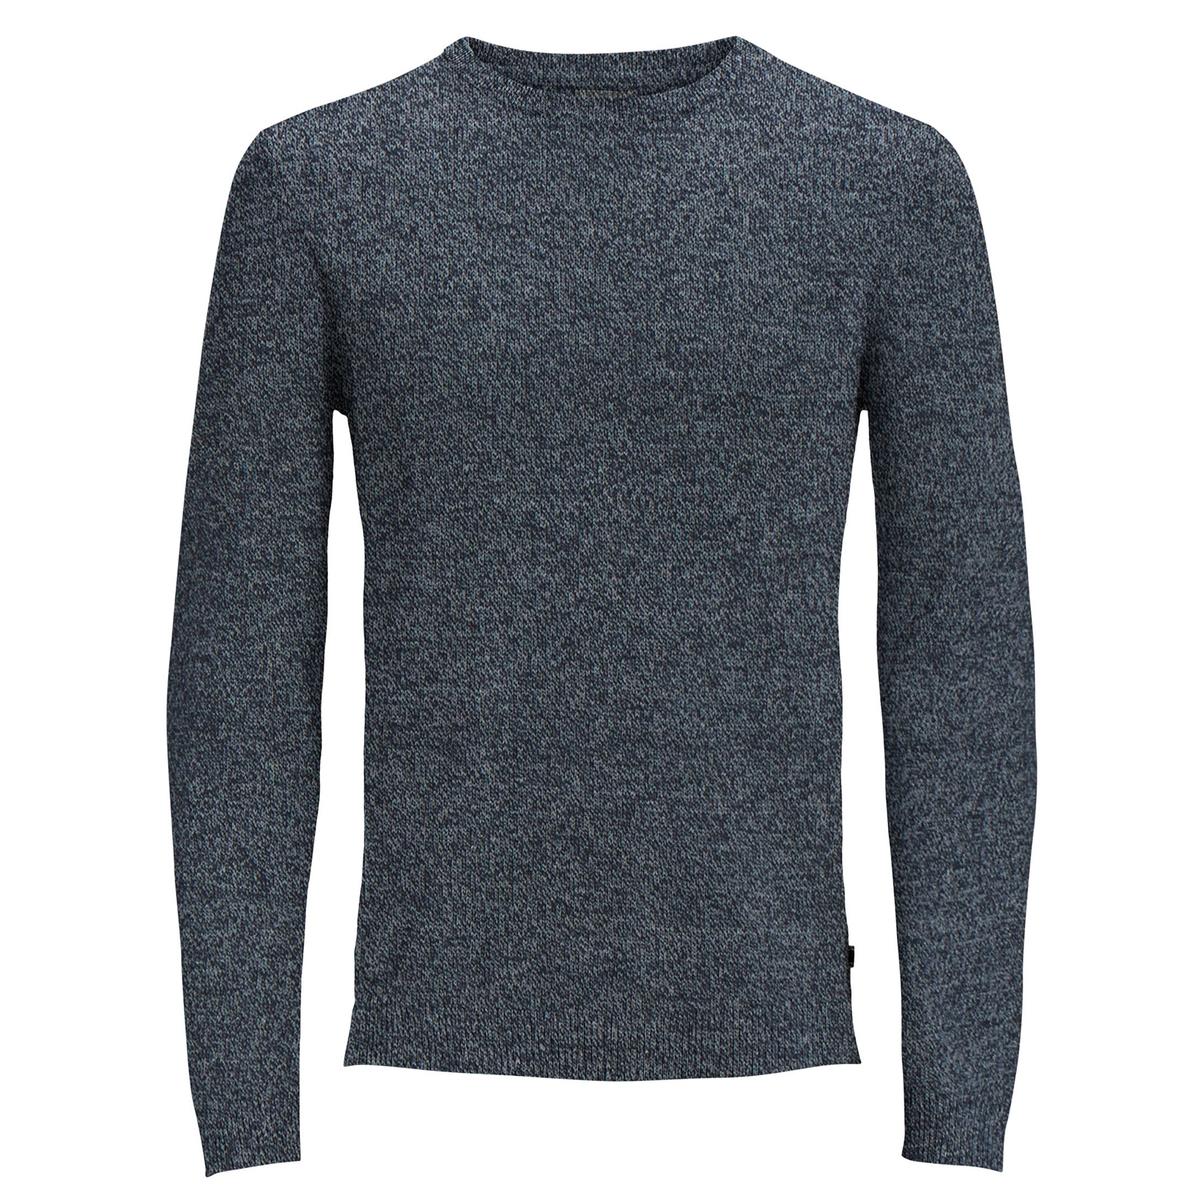 Пуловер La Redoute С круглым вырезом из тонкого трикотажа XXL синий пуловер la redoute с круглым вырезом из тонкого трикотажа m красный